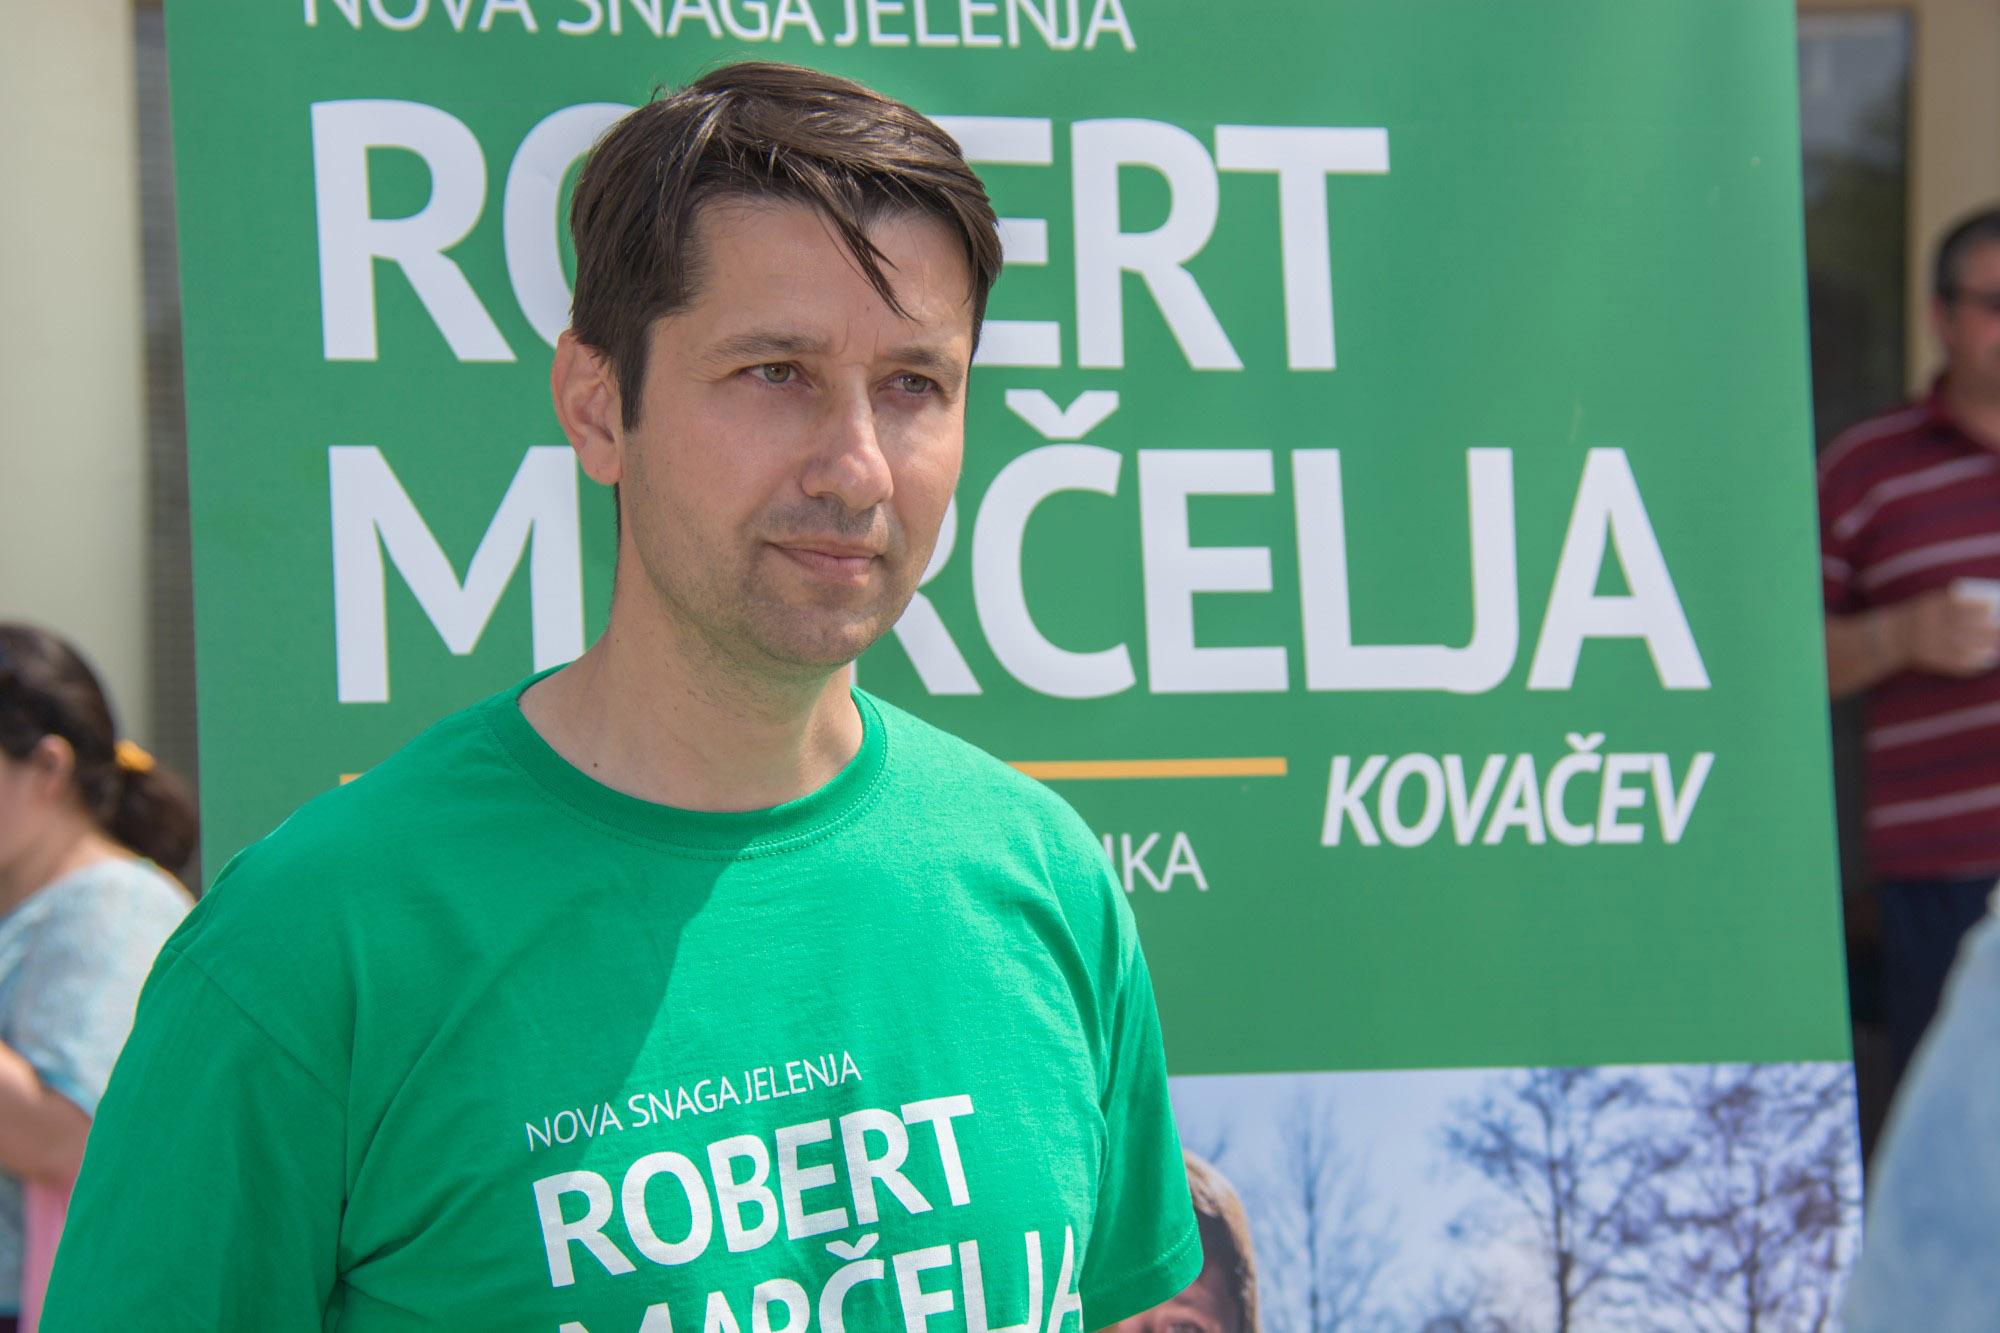 Robert Marčelja dobio je podršku mještana i institucija Primorsko-goranske županije